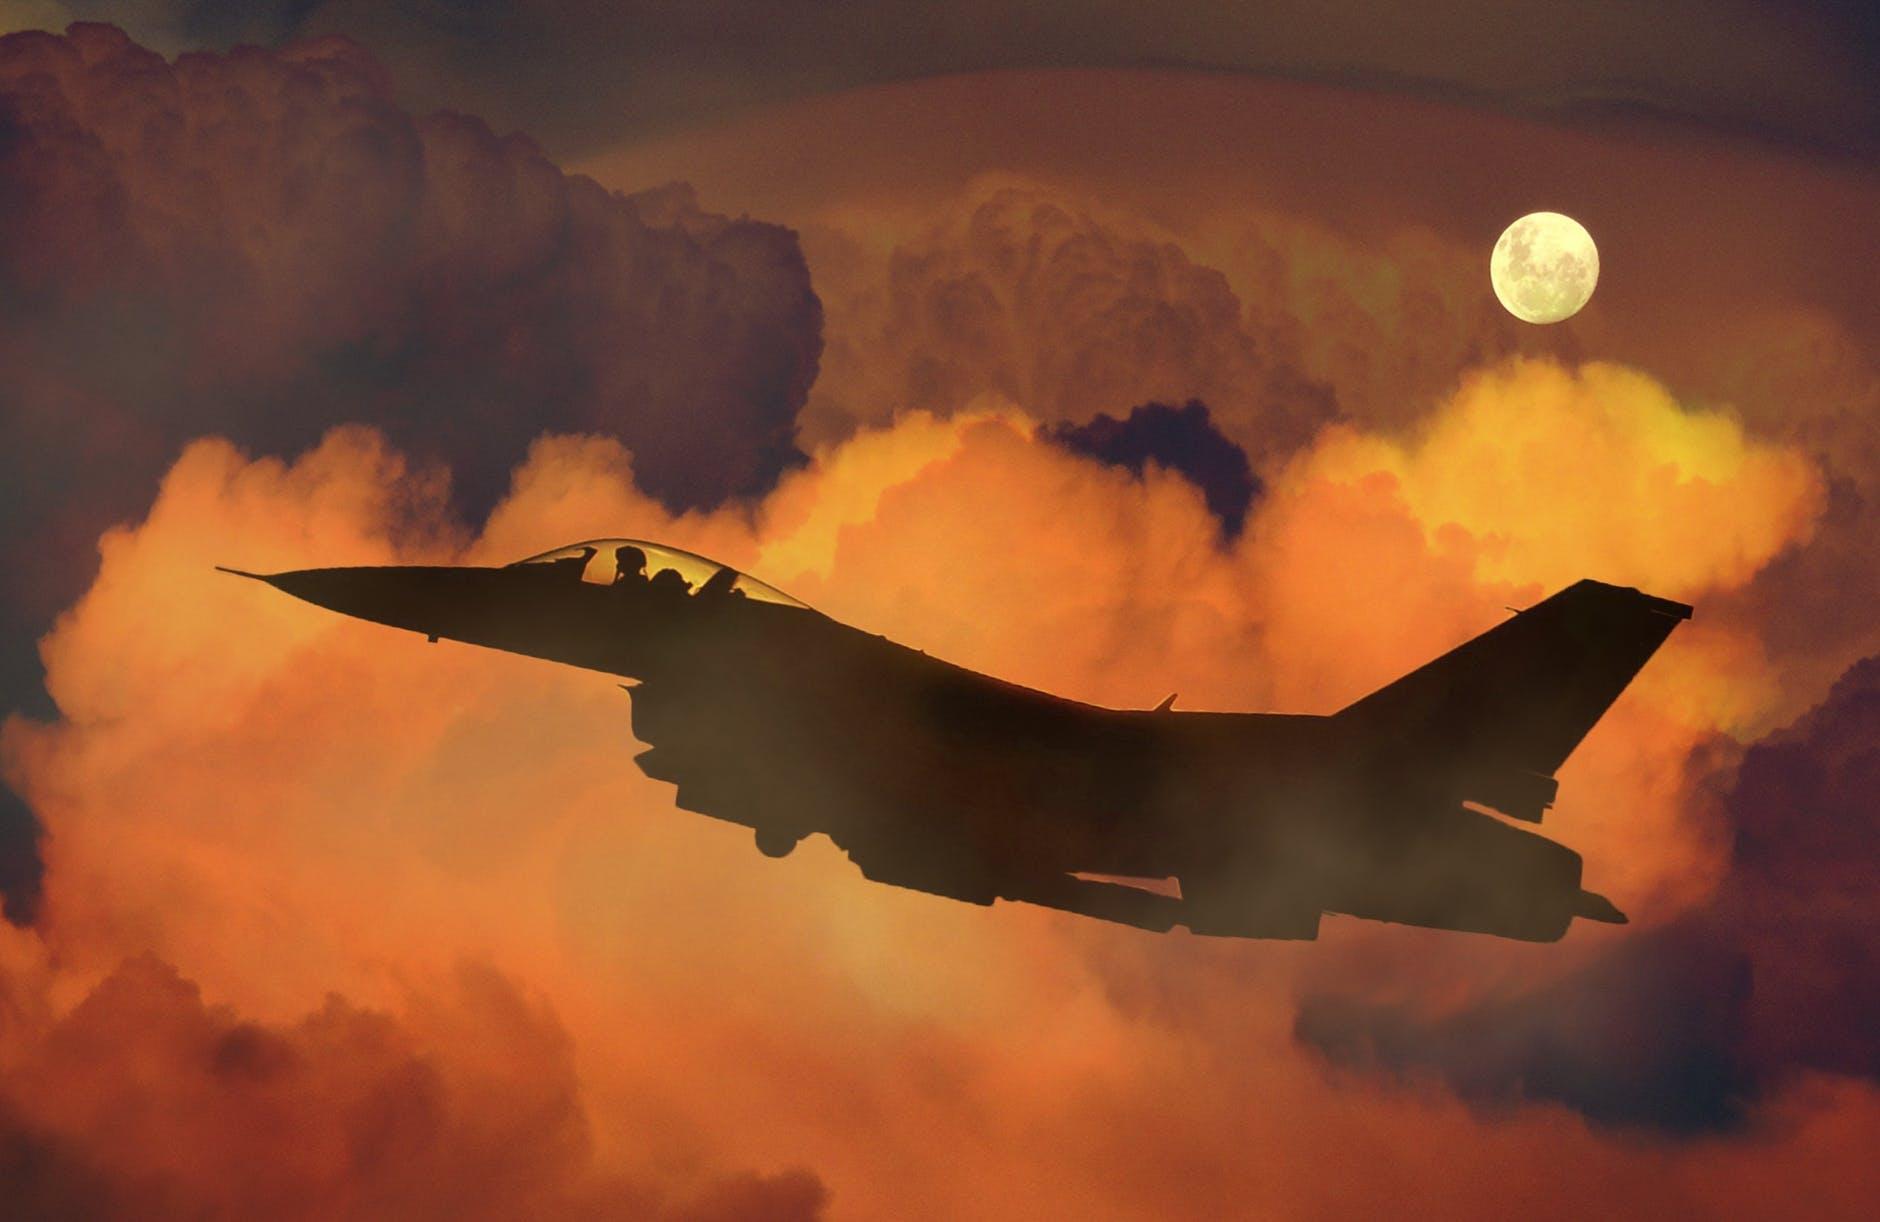 Минобороны Англии решило потратить £80 млн нановейшую систему управления ВВС